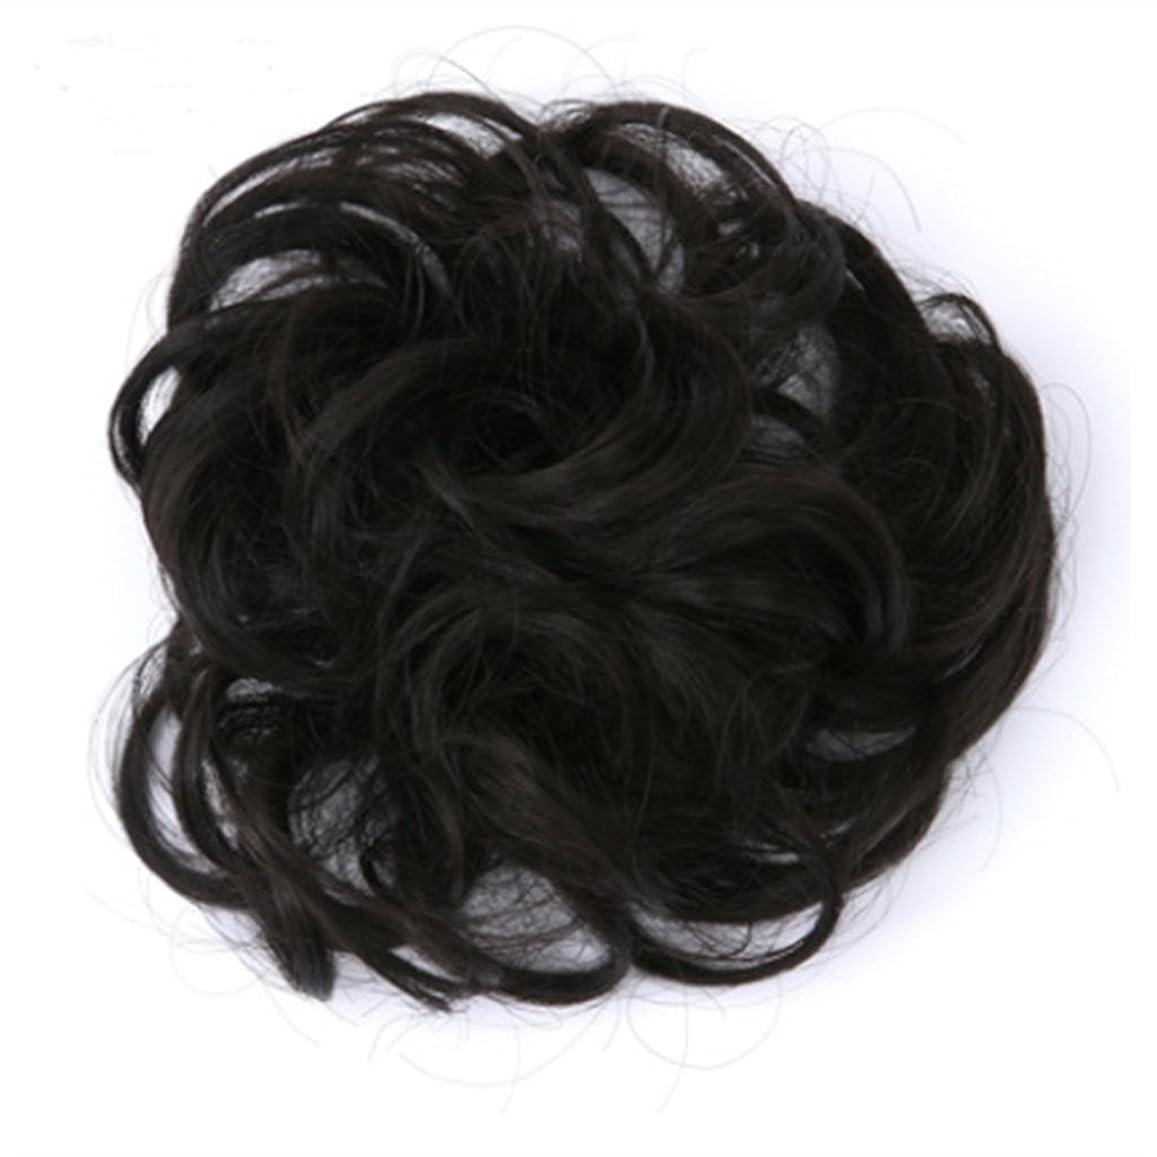 確認売上高気をつけてKoloeplf 3.5cm、30g化学繊維のヘアエクステンションピースナチュラルカラーカーリーヘアメッシーヘアリング直径 (Color : GS-Q52#)